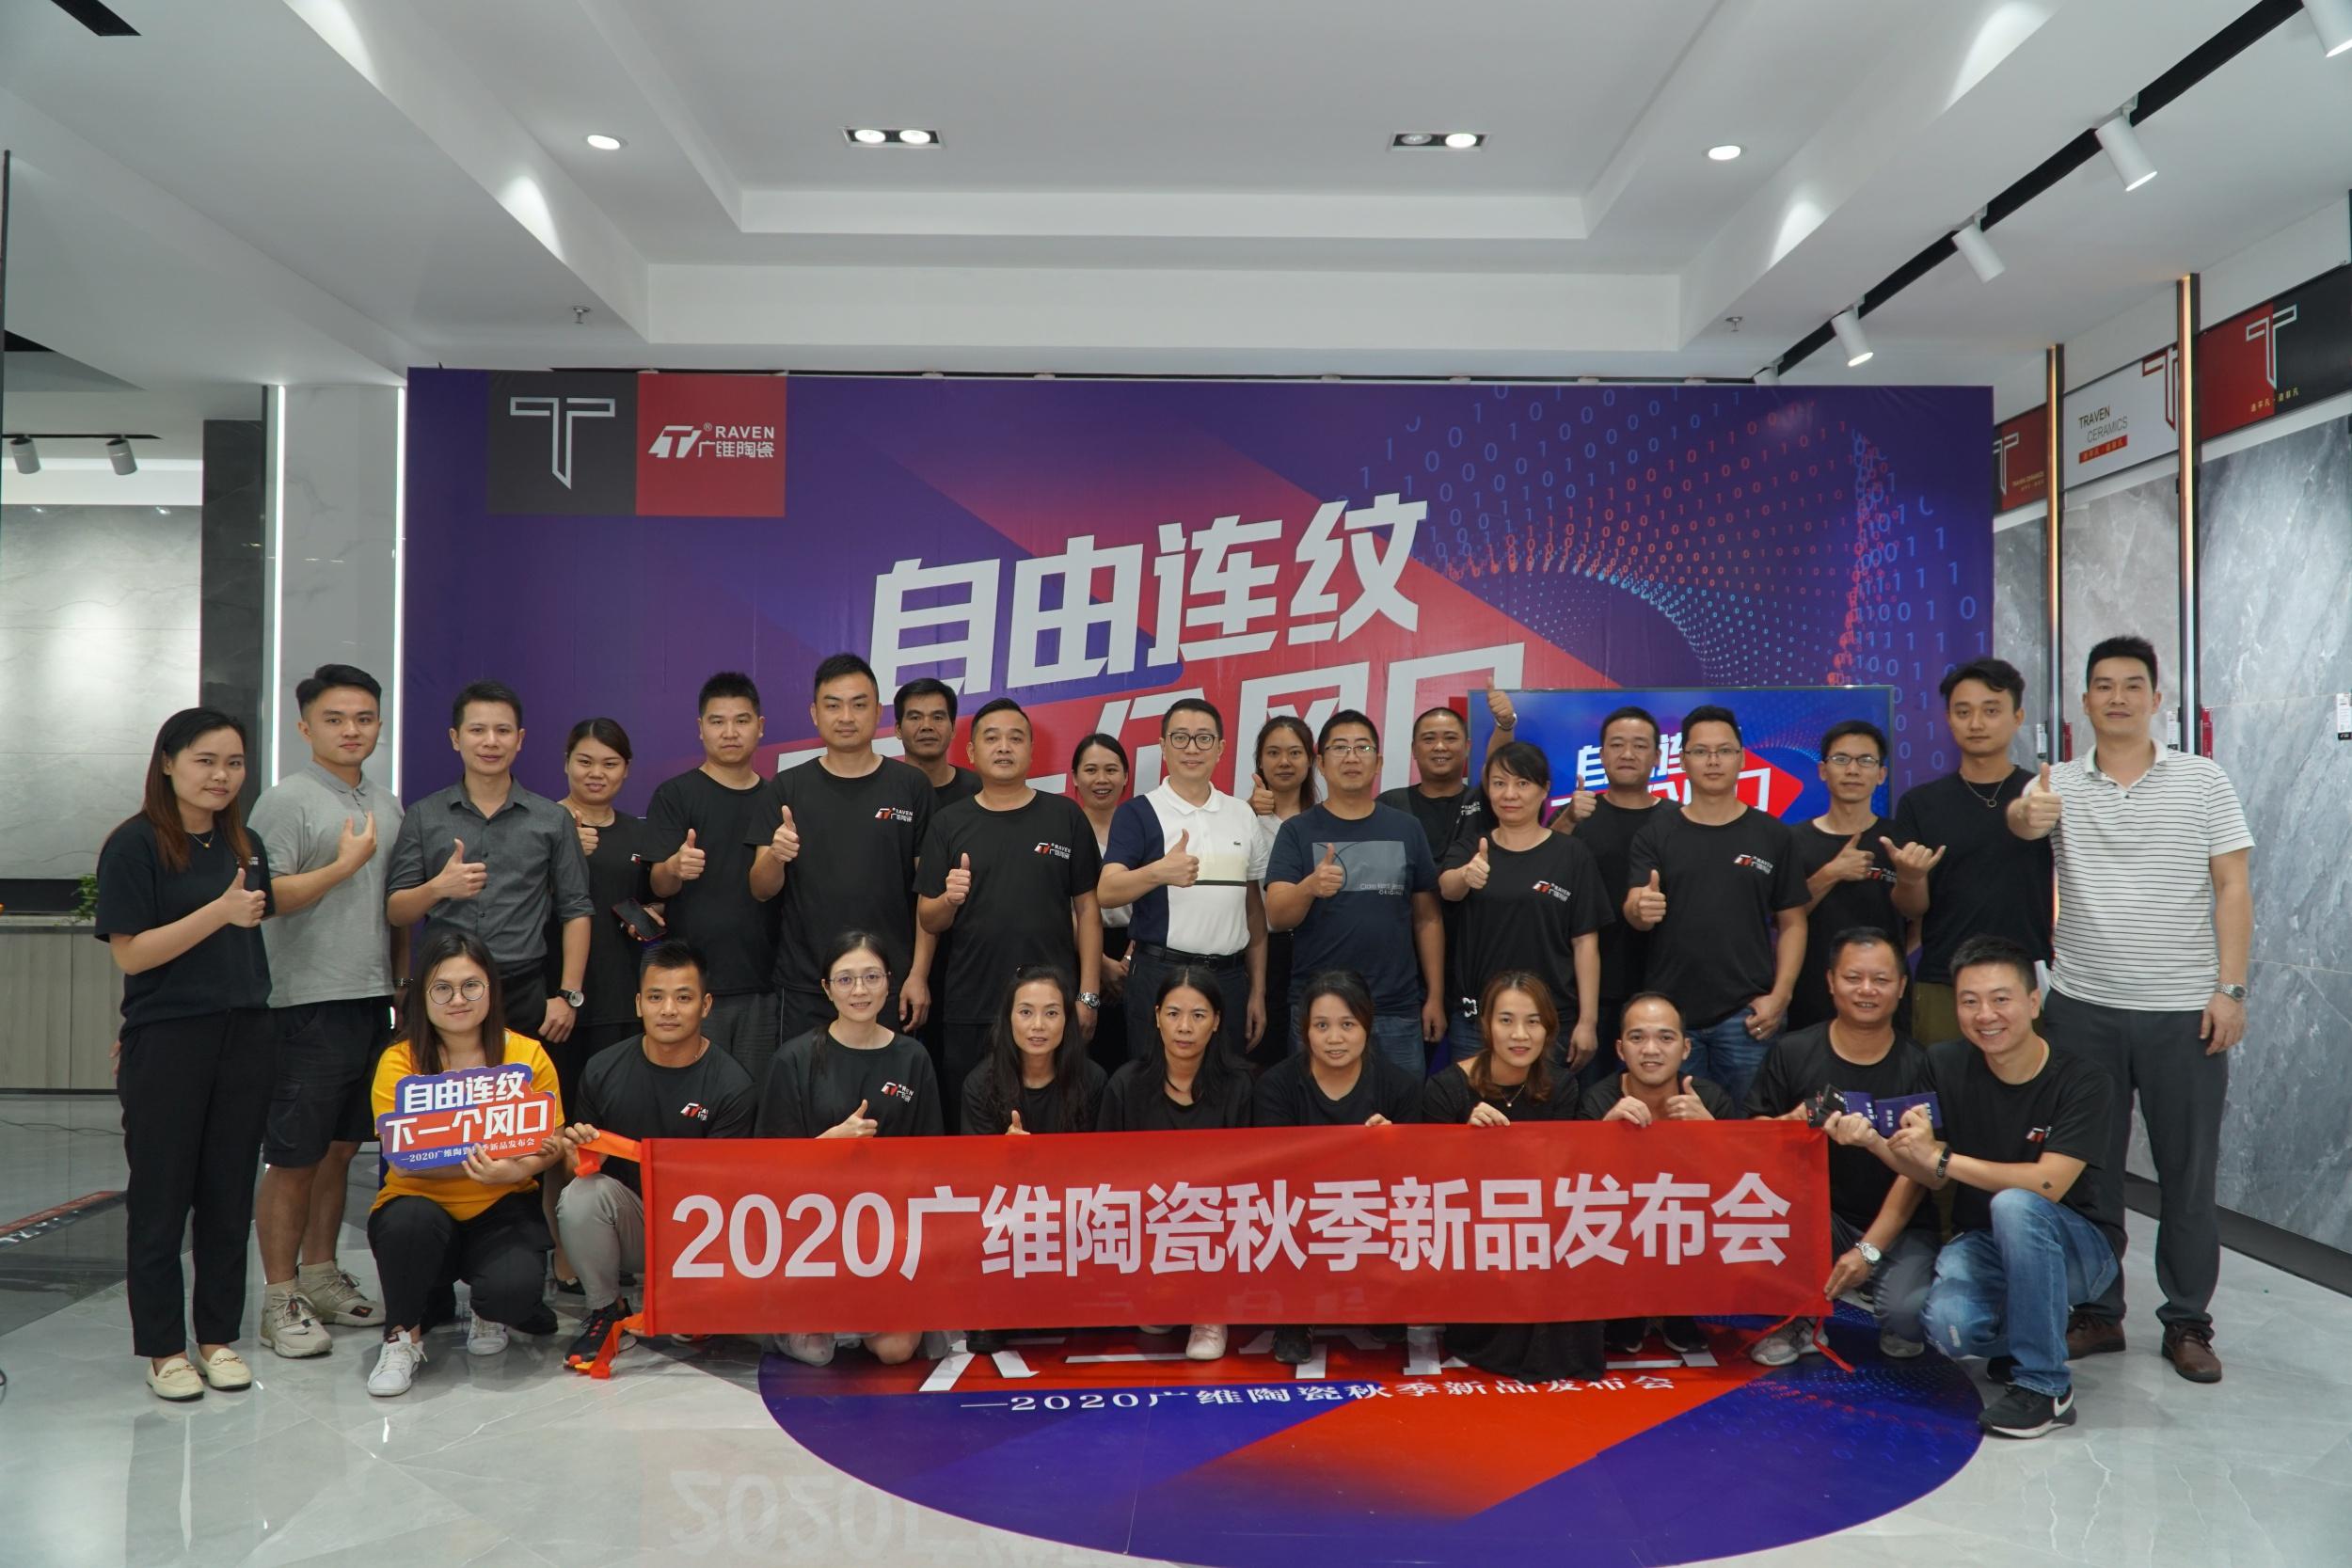 2020年广维秋季新品发布会...